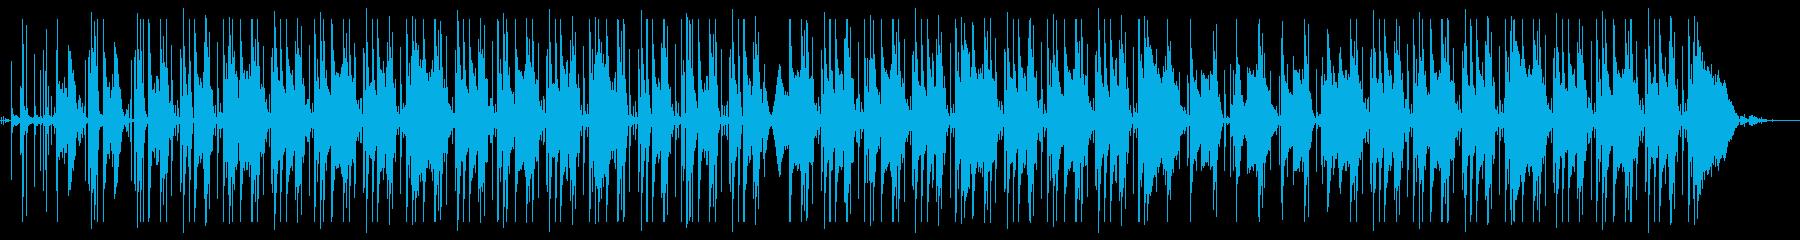 [魅惑]ChillなHipHopの再生済みの波形